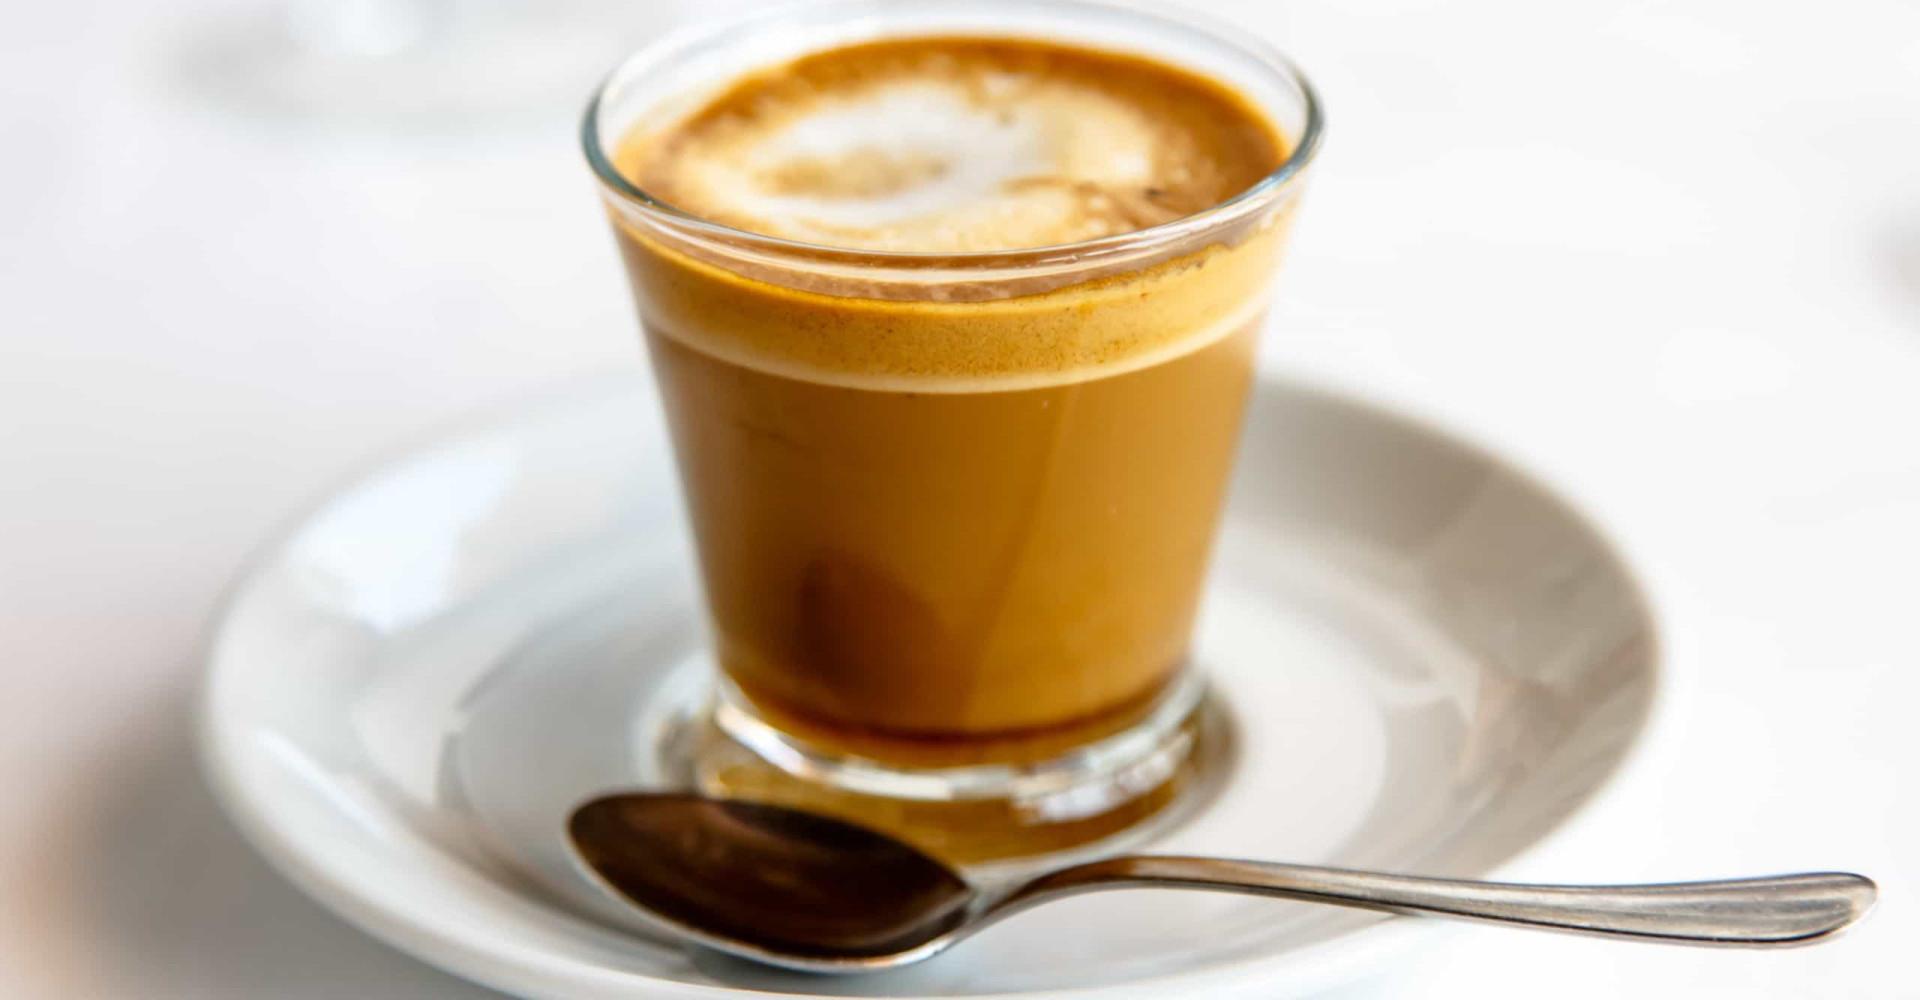 Kun je beter espresso drinken dan filterkoffie?